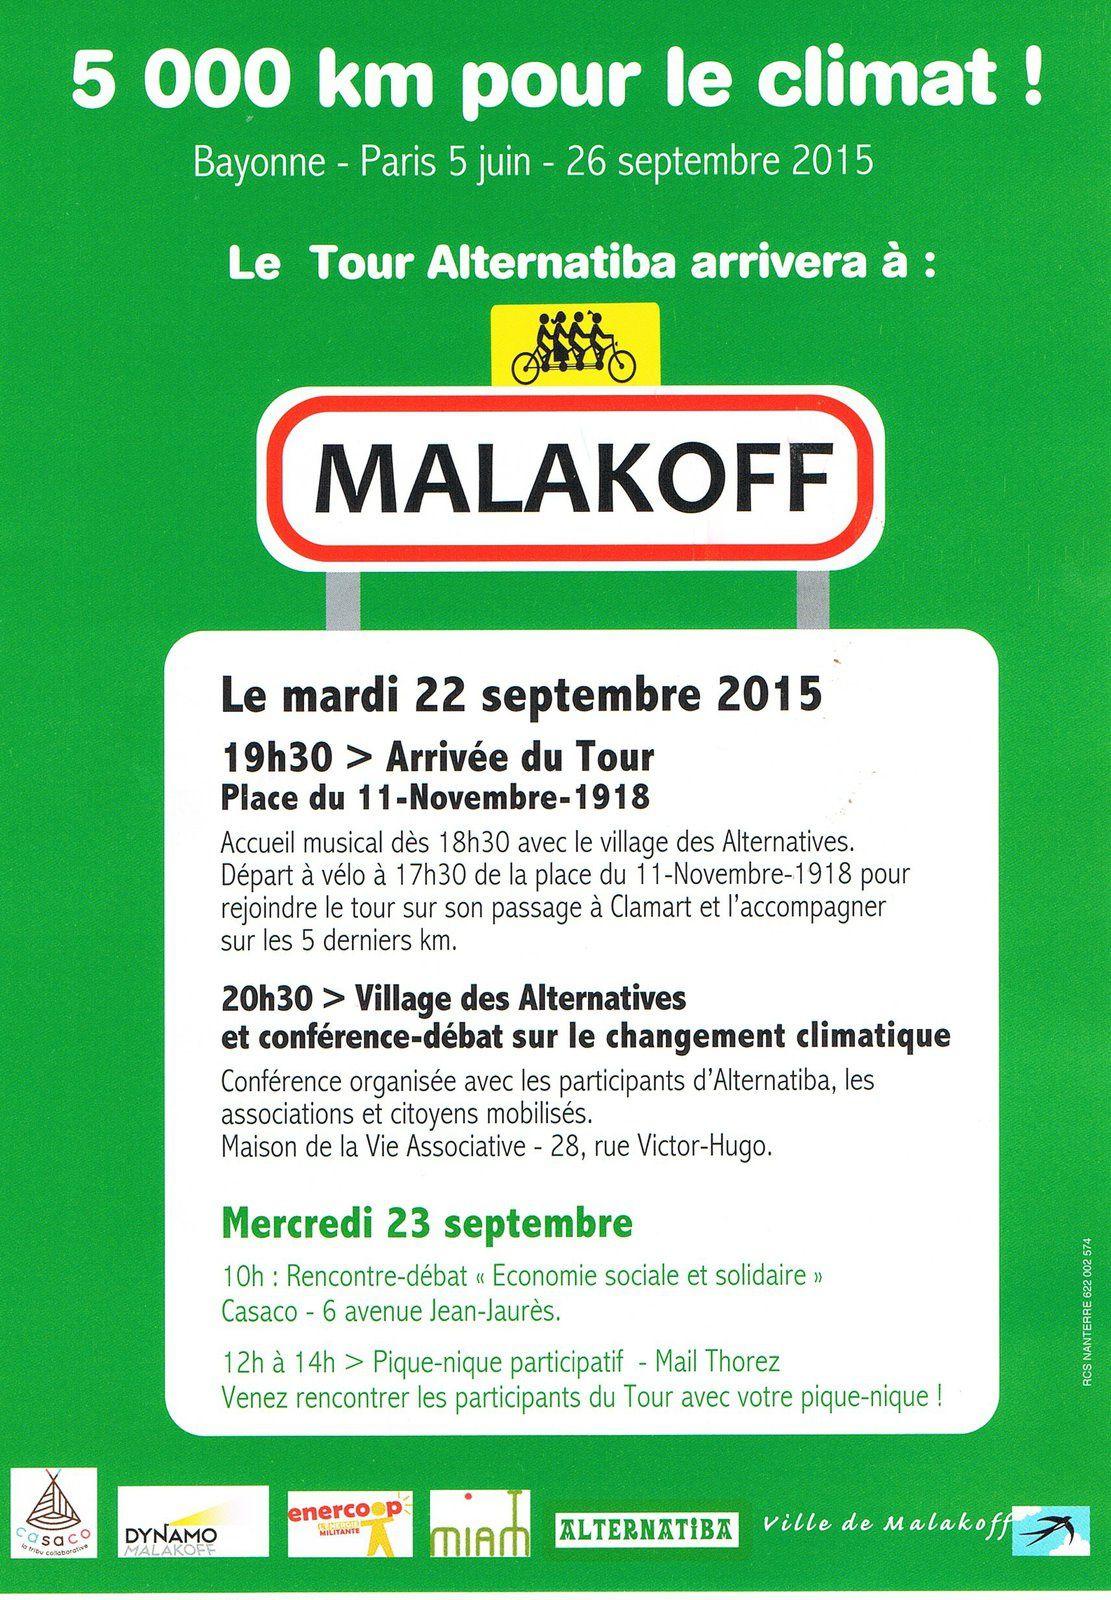 Alternatiba: ils arrivent demain à Malakoff